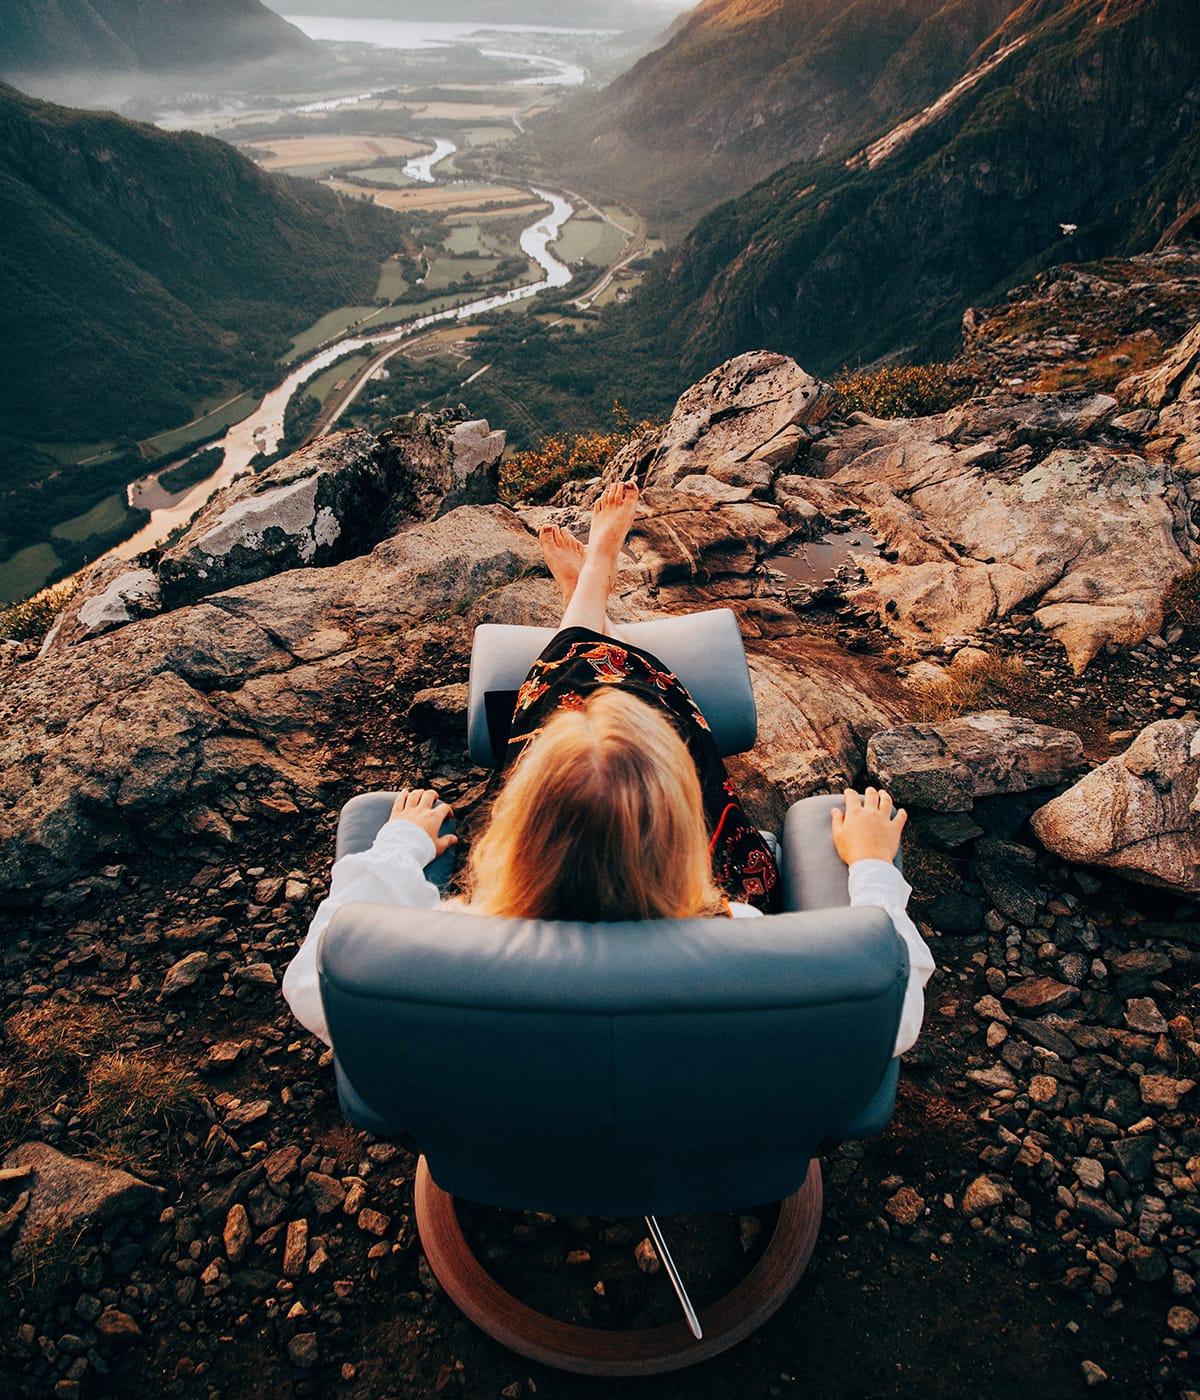 In Sachen Nachhaltigkeit ist Norwegen sehr weit vorne – ebenso wie Stressless Sessel und Sofas.